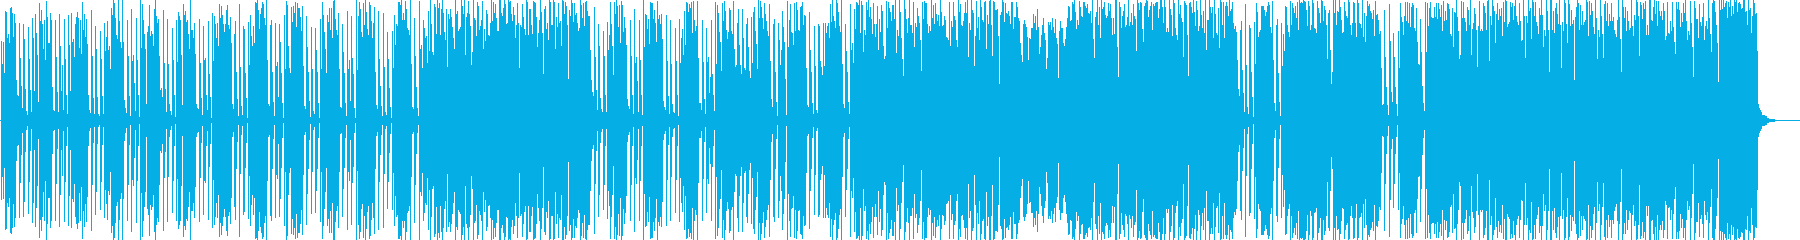 キュートでポップ・カワイイ系EDMの再生済みの波形